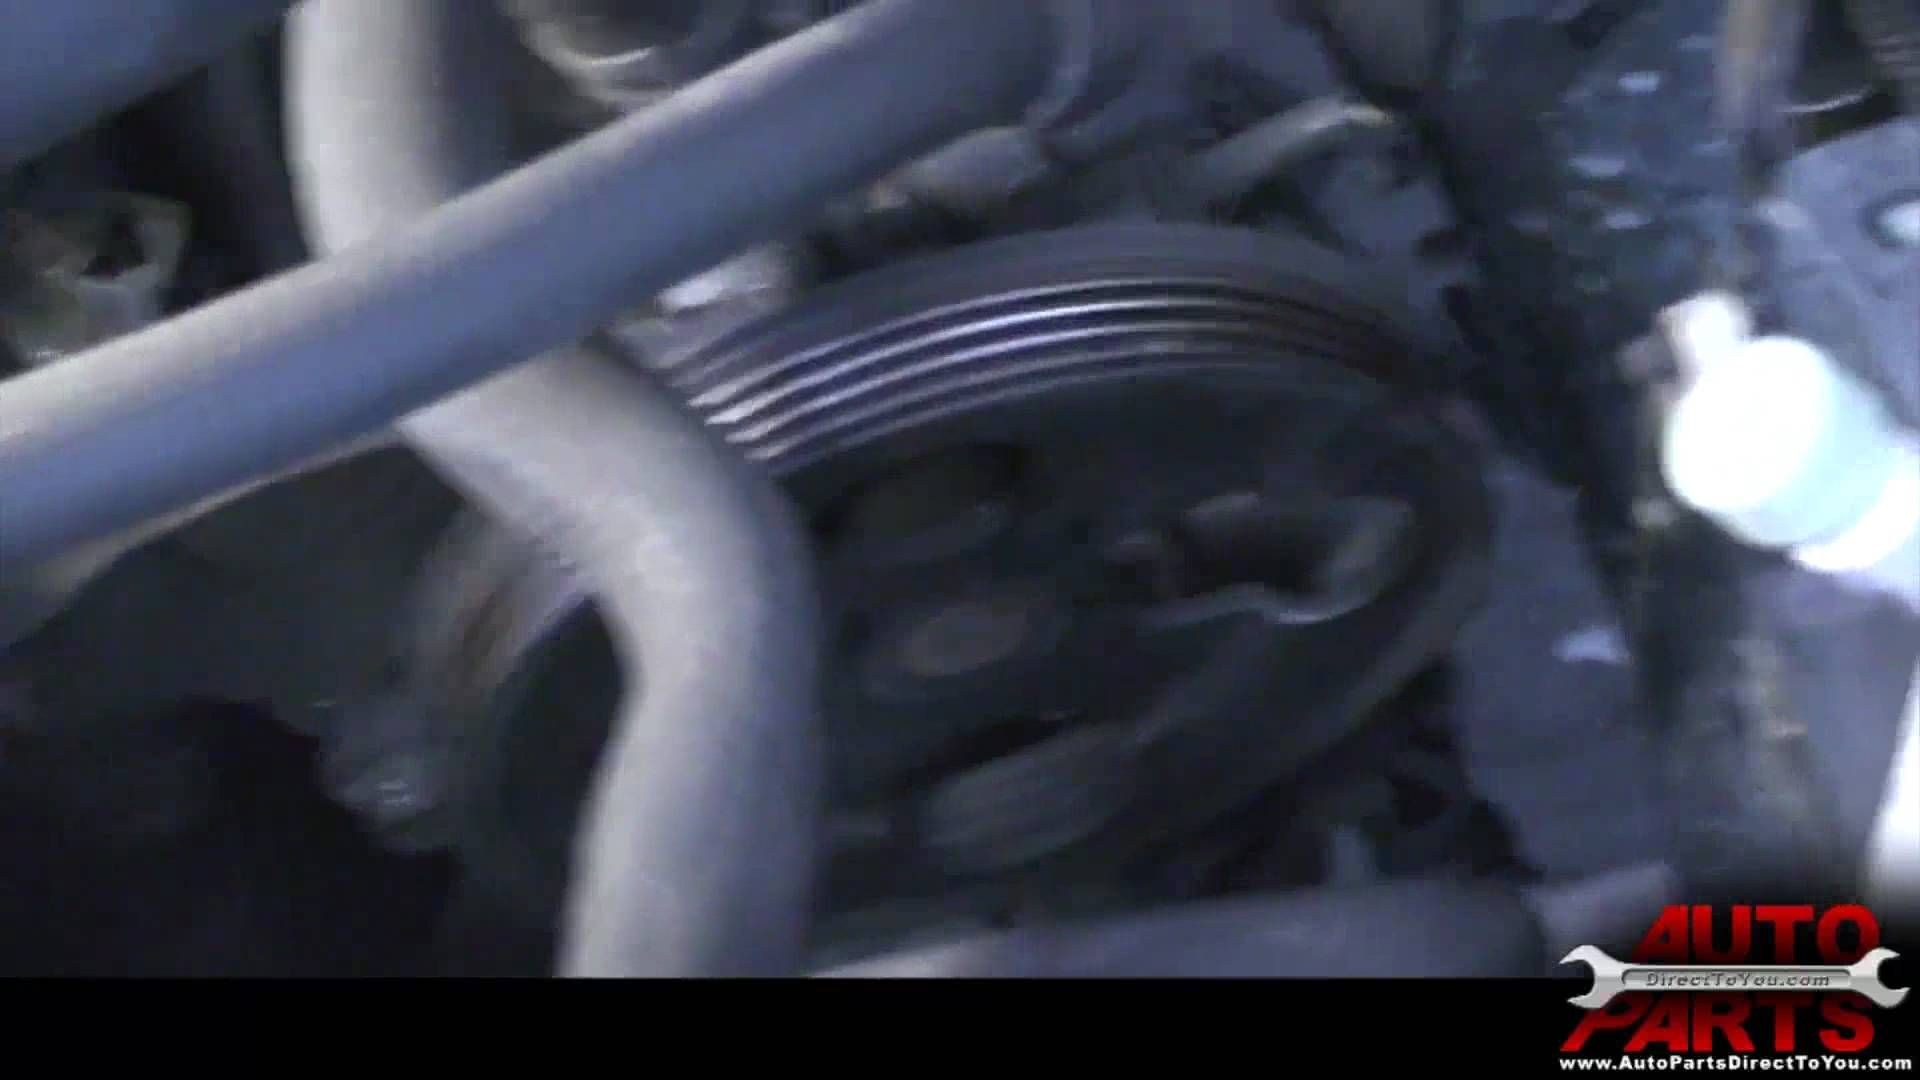 Httpstrictlyforeignzdefaultp new car unboxing 3 3 cylinder 12l 2014 mitsubishi mirage strictlyforeignz mitsubishi pinterest mitsubish fandeluxe Images